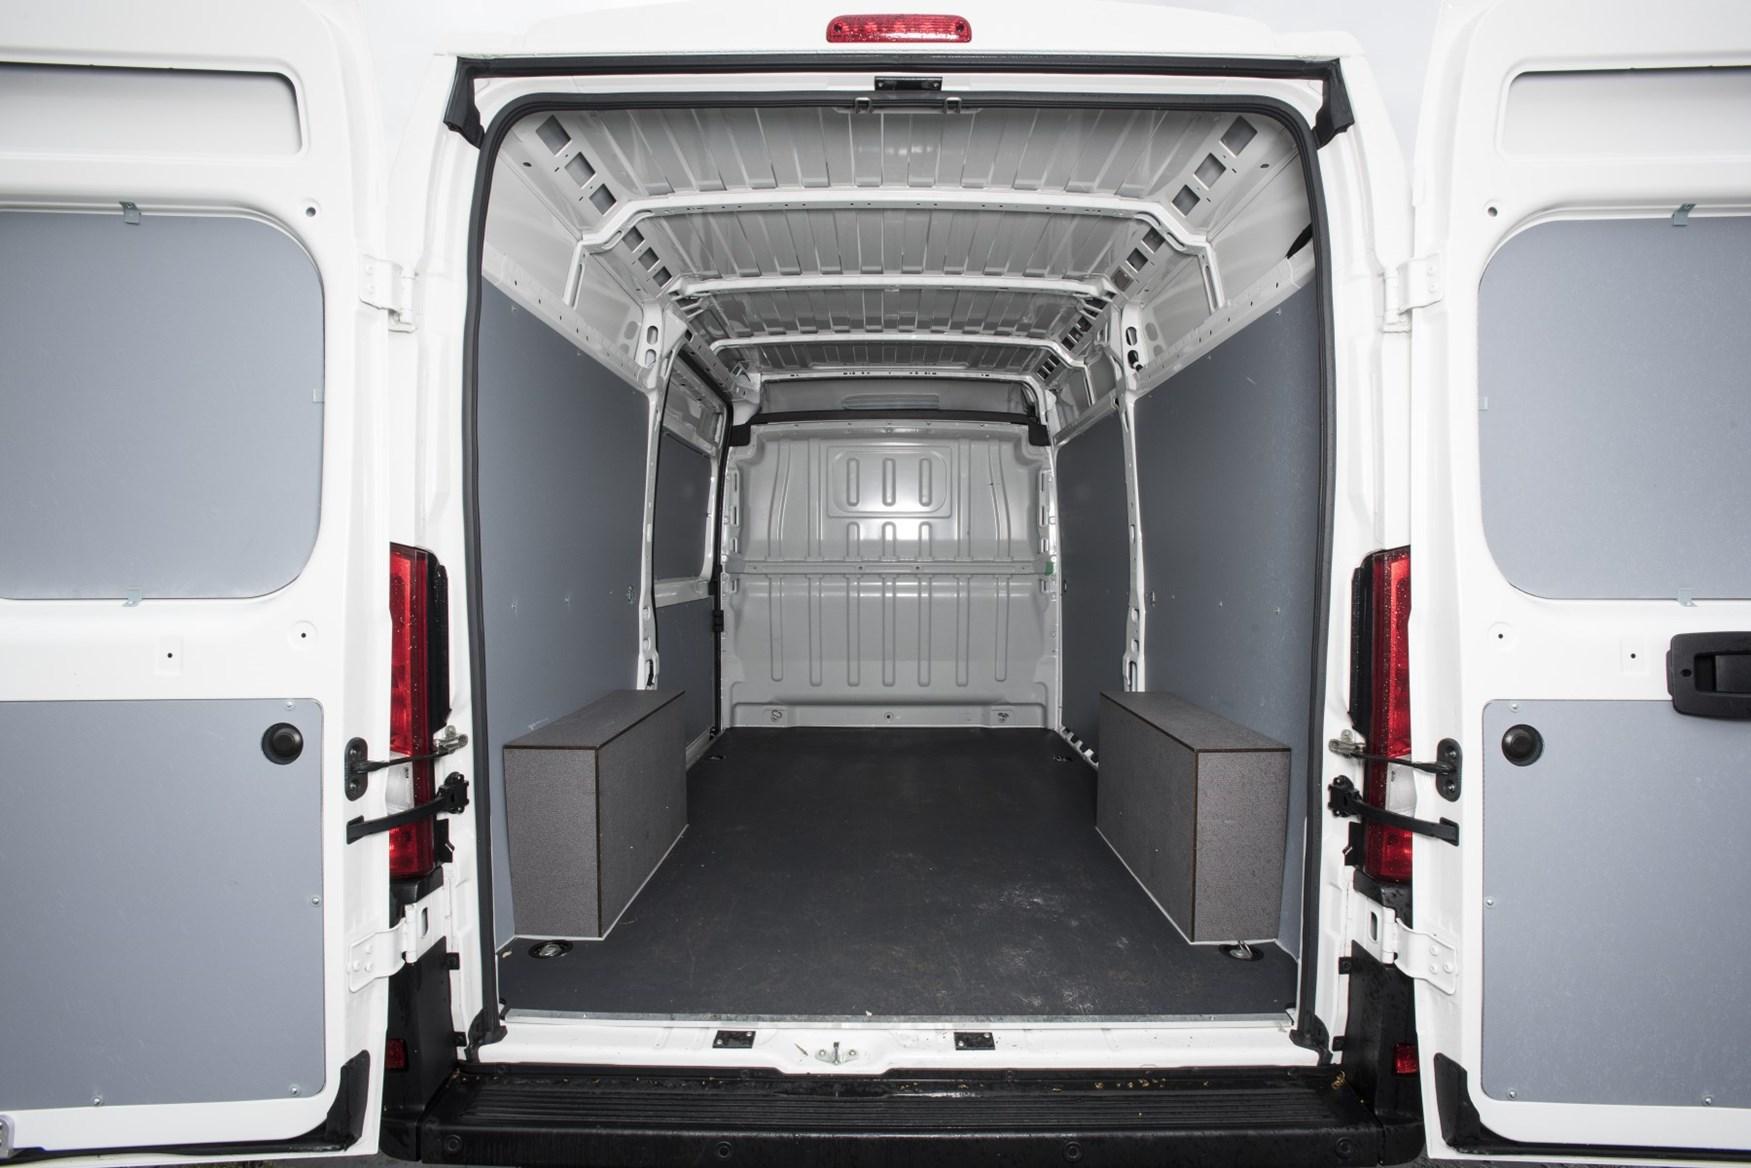 2019 Peugeot Boxer load area